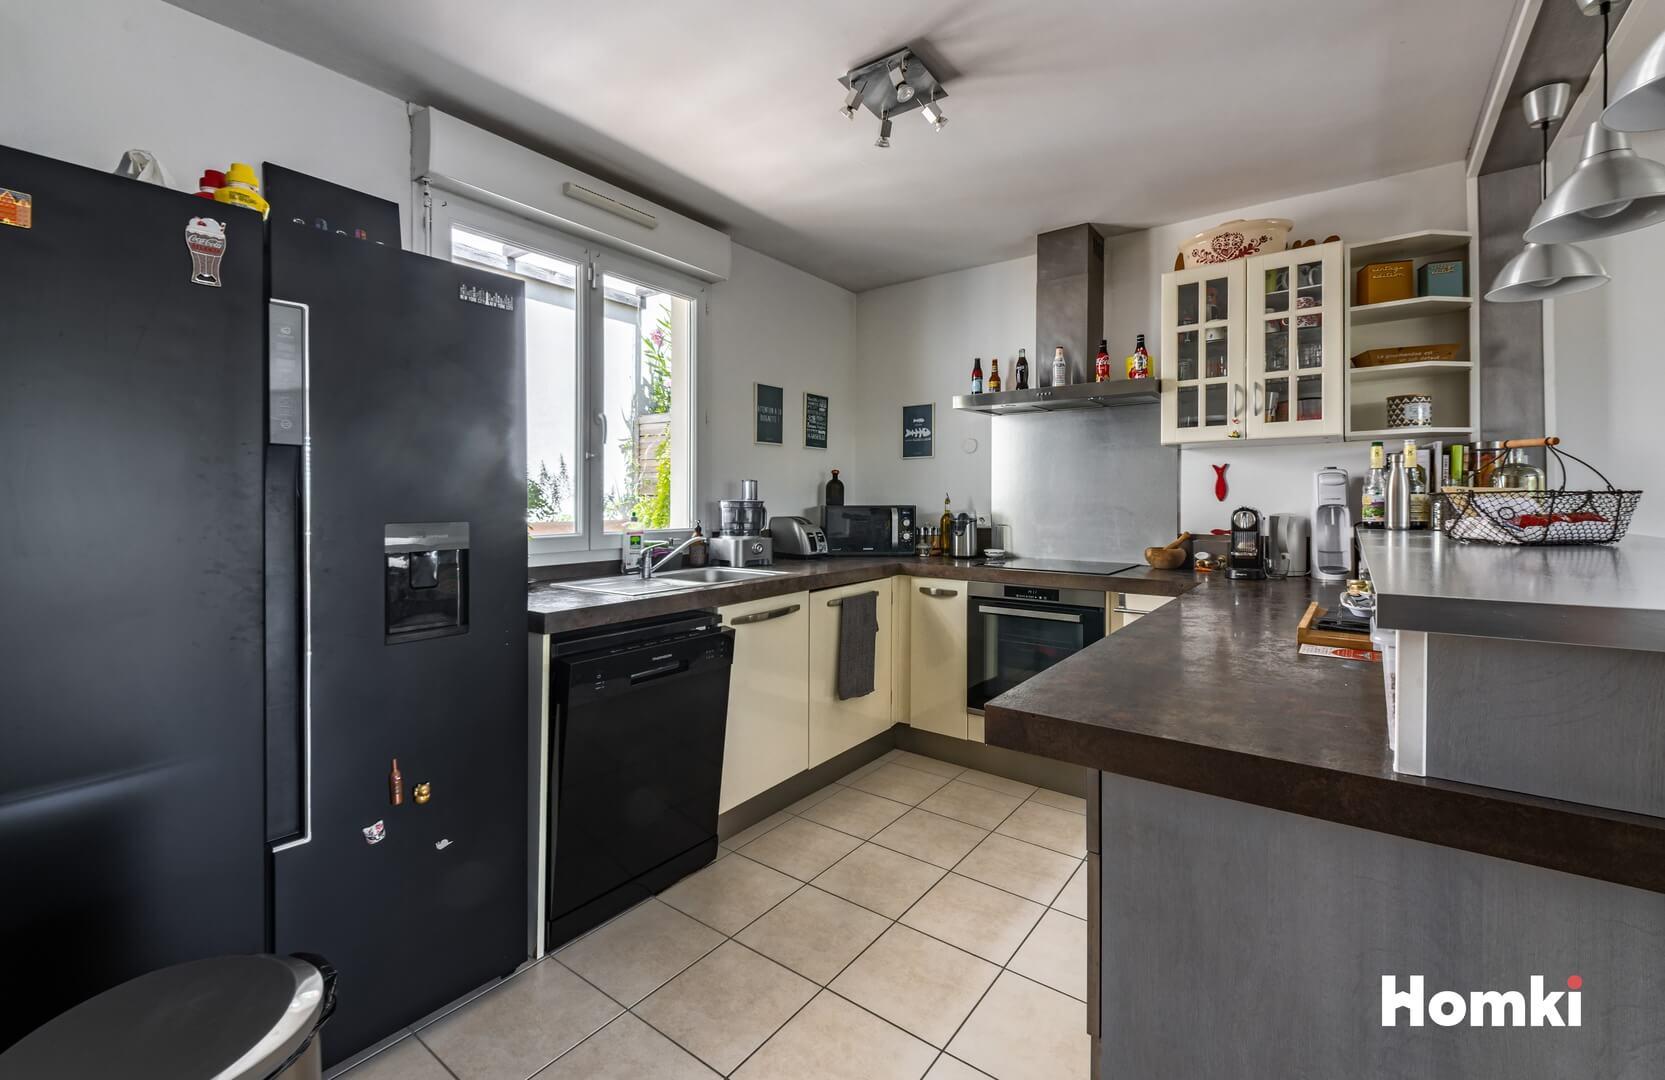 Homki - Vente Maison/villa  de 86.0 m² à Marseille 13013